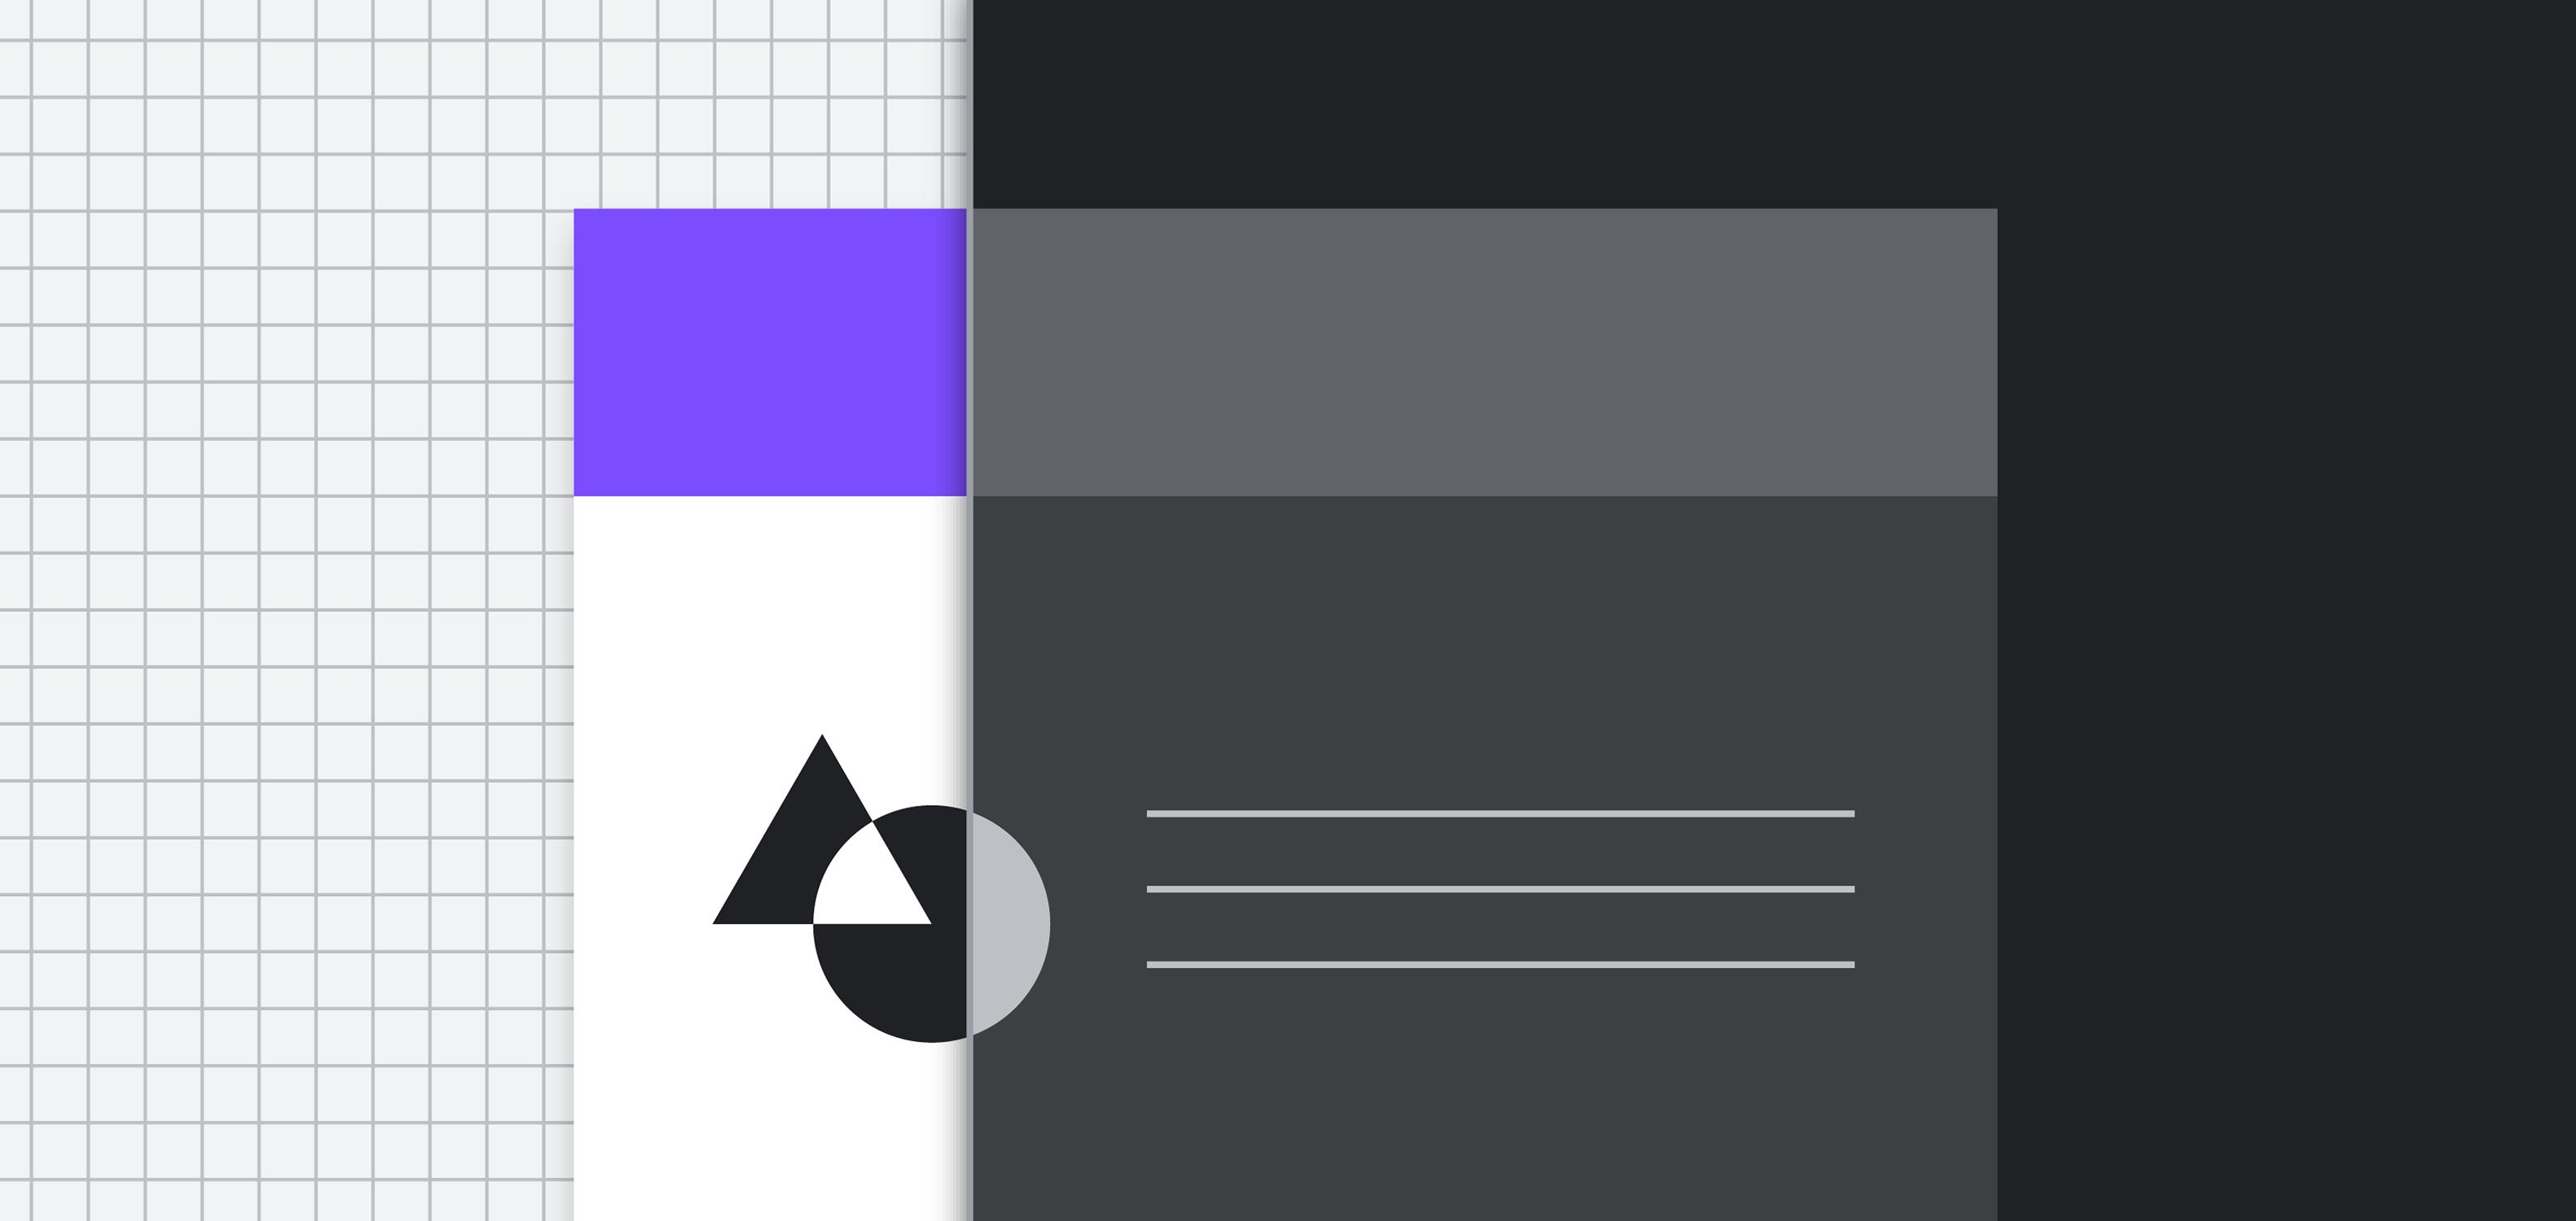 Design - Material Design